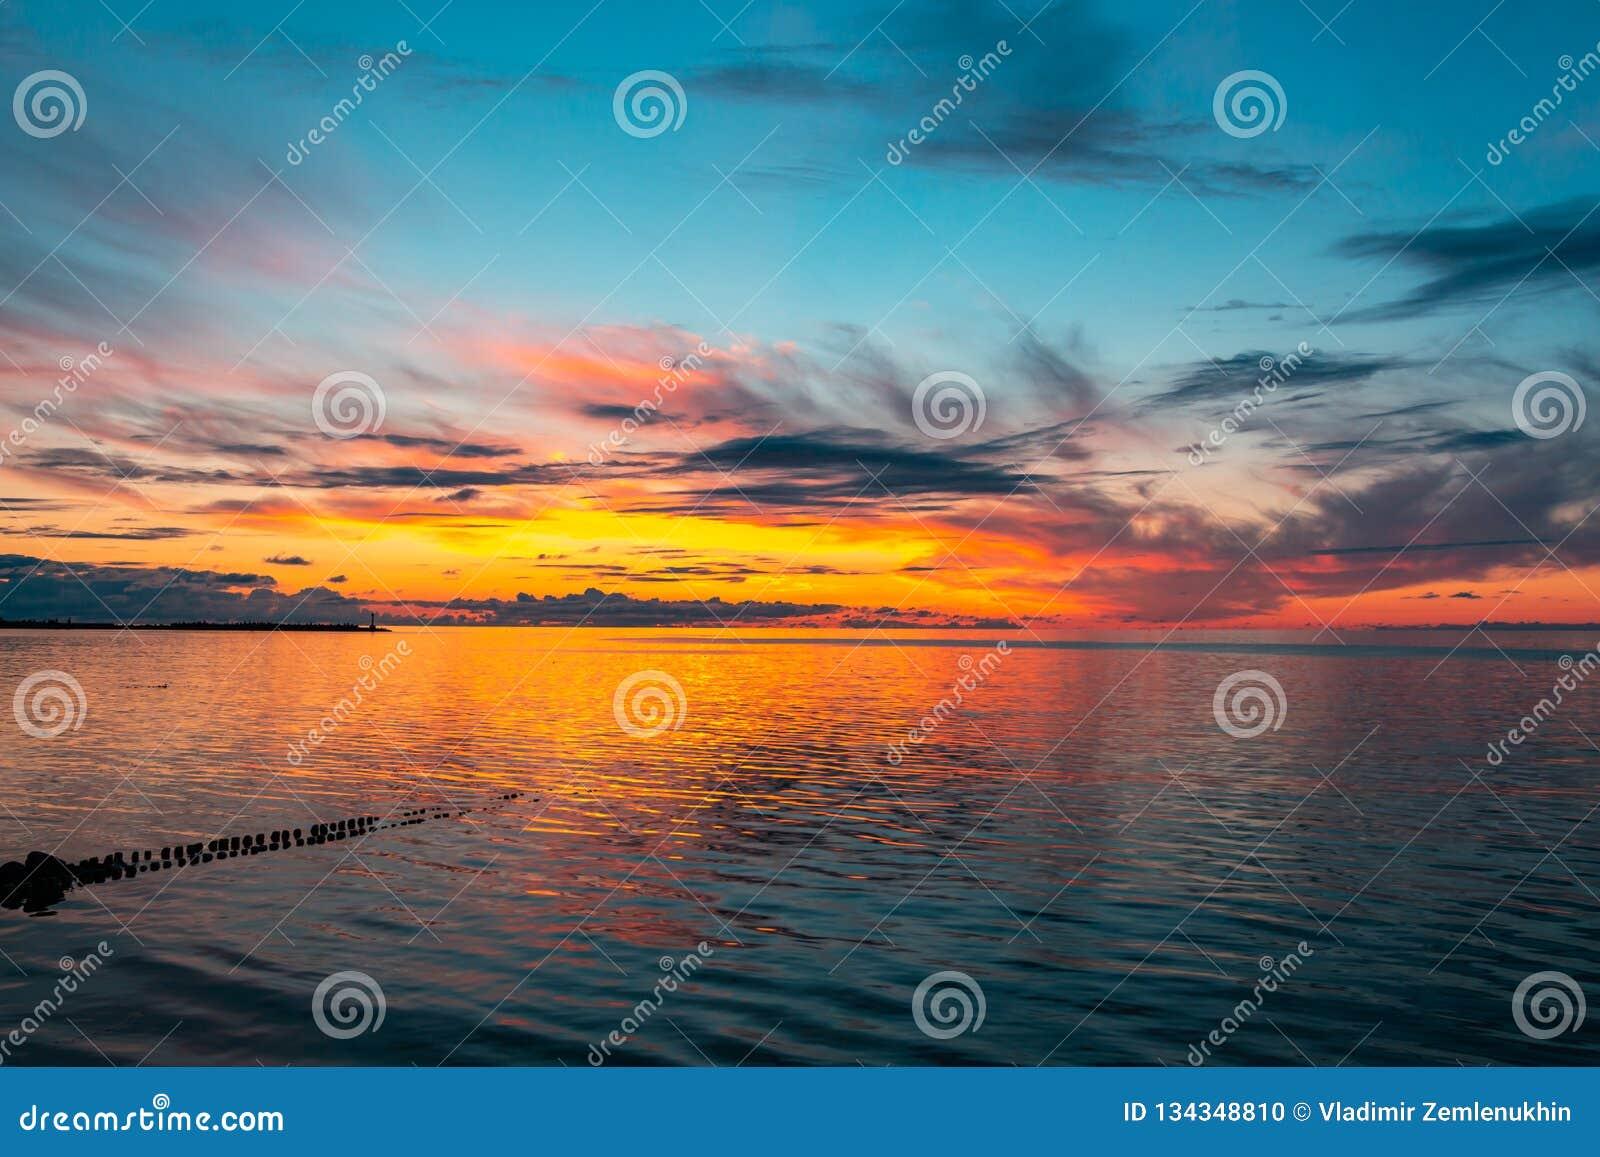 Schöner brennender Sonnenunterganghimmel auf dem Strand